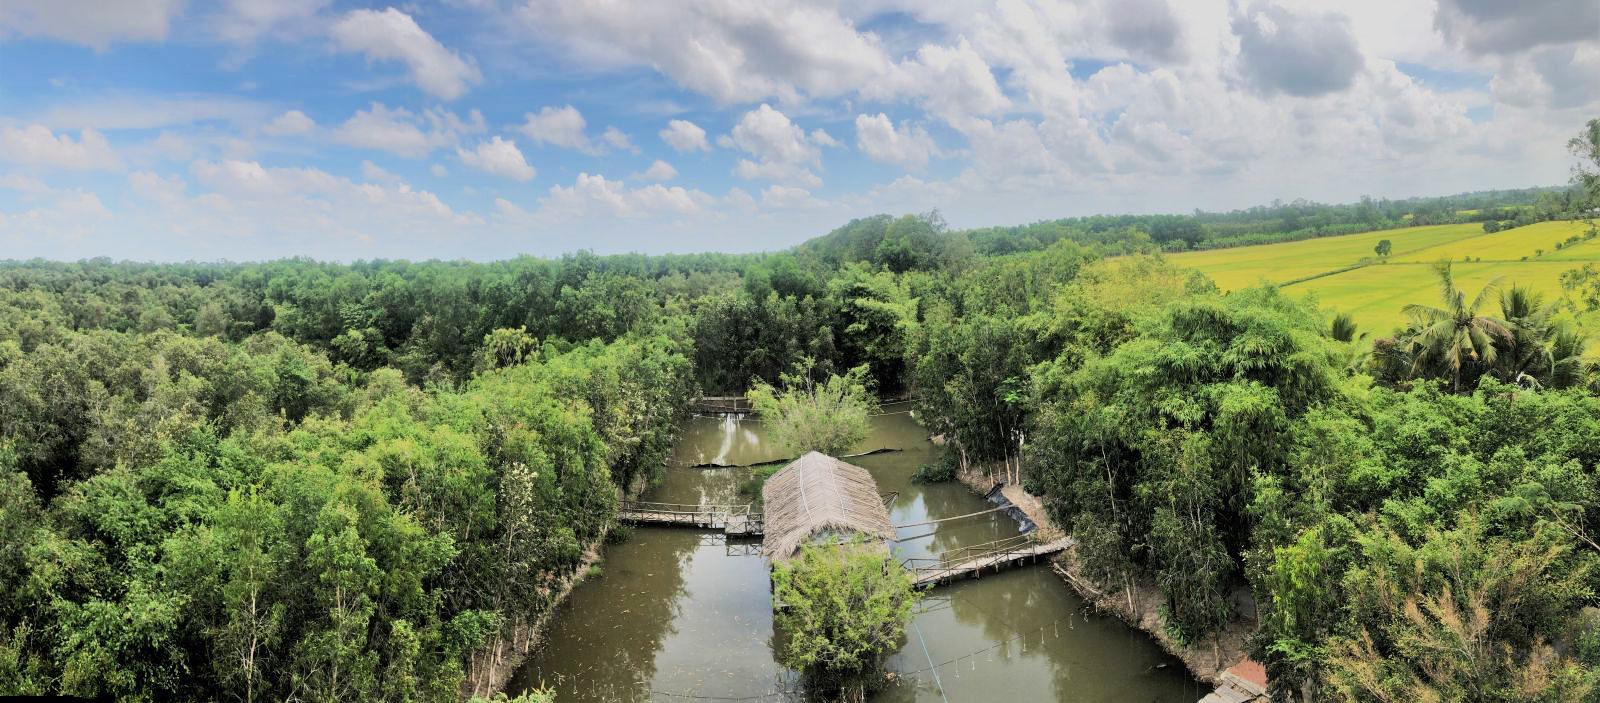 Nhìn từ tháp canh, Khu du lịch sinh thái Lung Ngọc Hoàng rợp một mùa xanh bởi hàng trăm héc-ta rừng tràm xen lẫn những cánh đồng lúa đương làm đòng, tạo nên khung cảnh thanh bình, yên ả, níu chân du khách